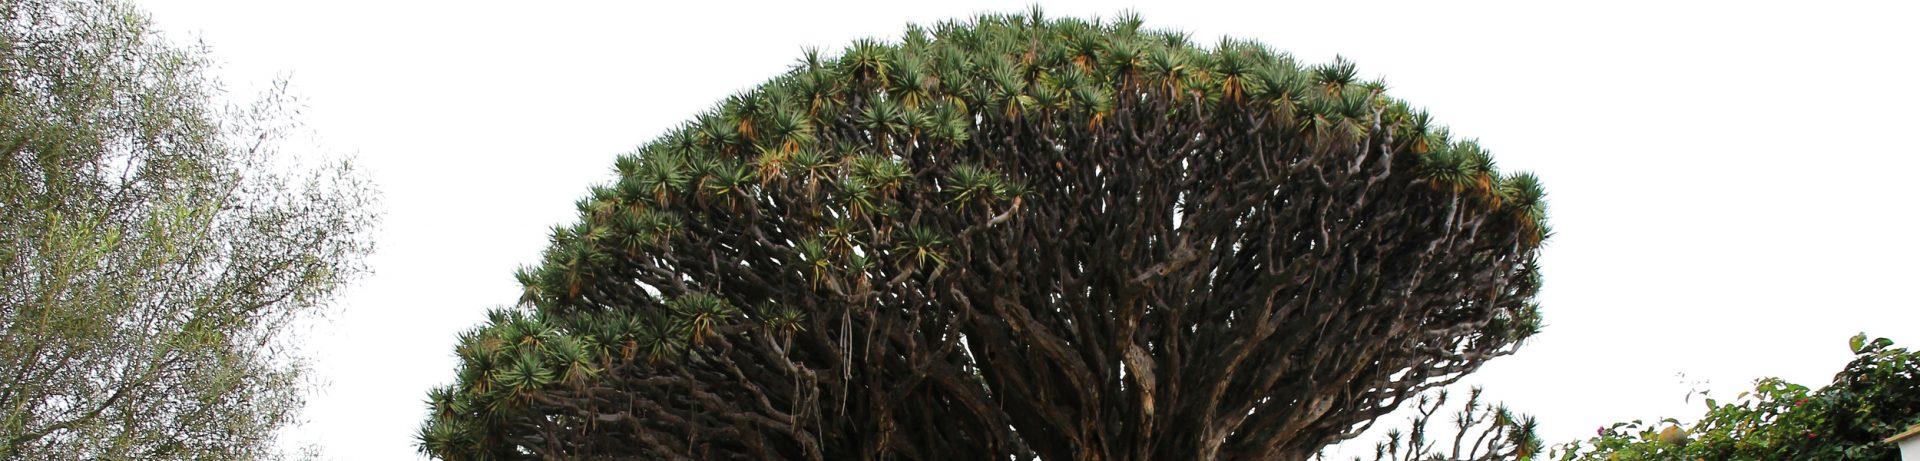 Smocze Drzewo - Przewodnik poTeneryfie